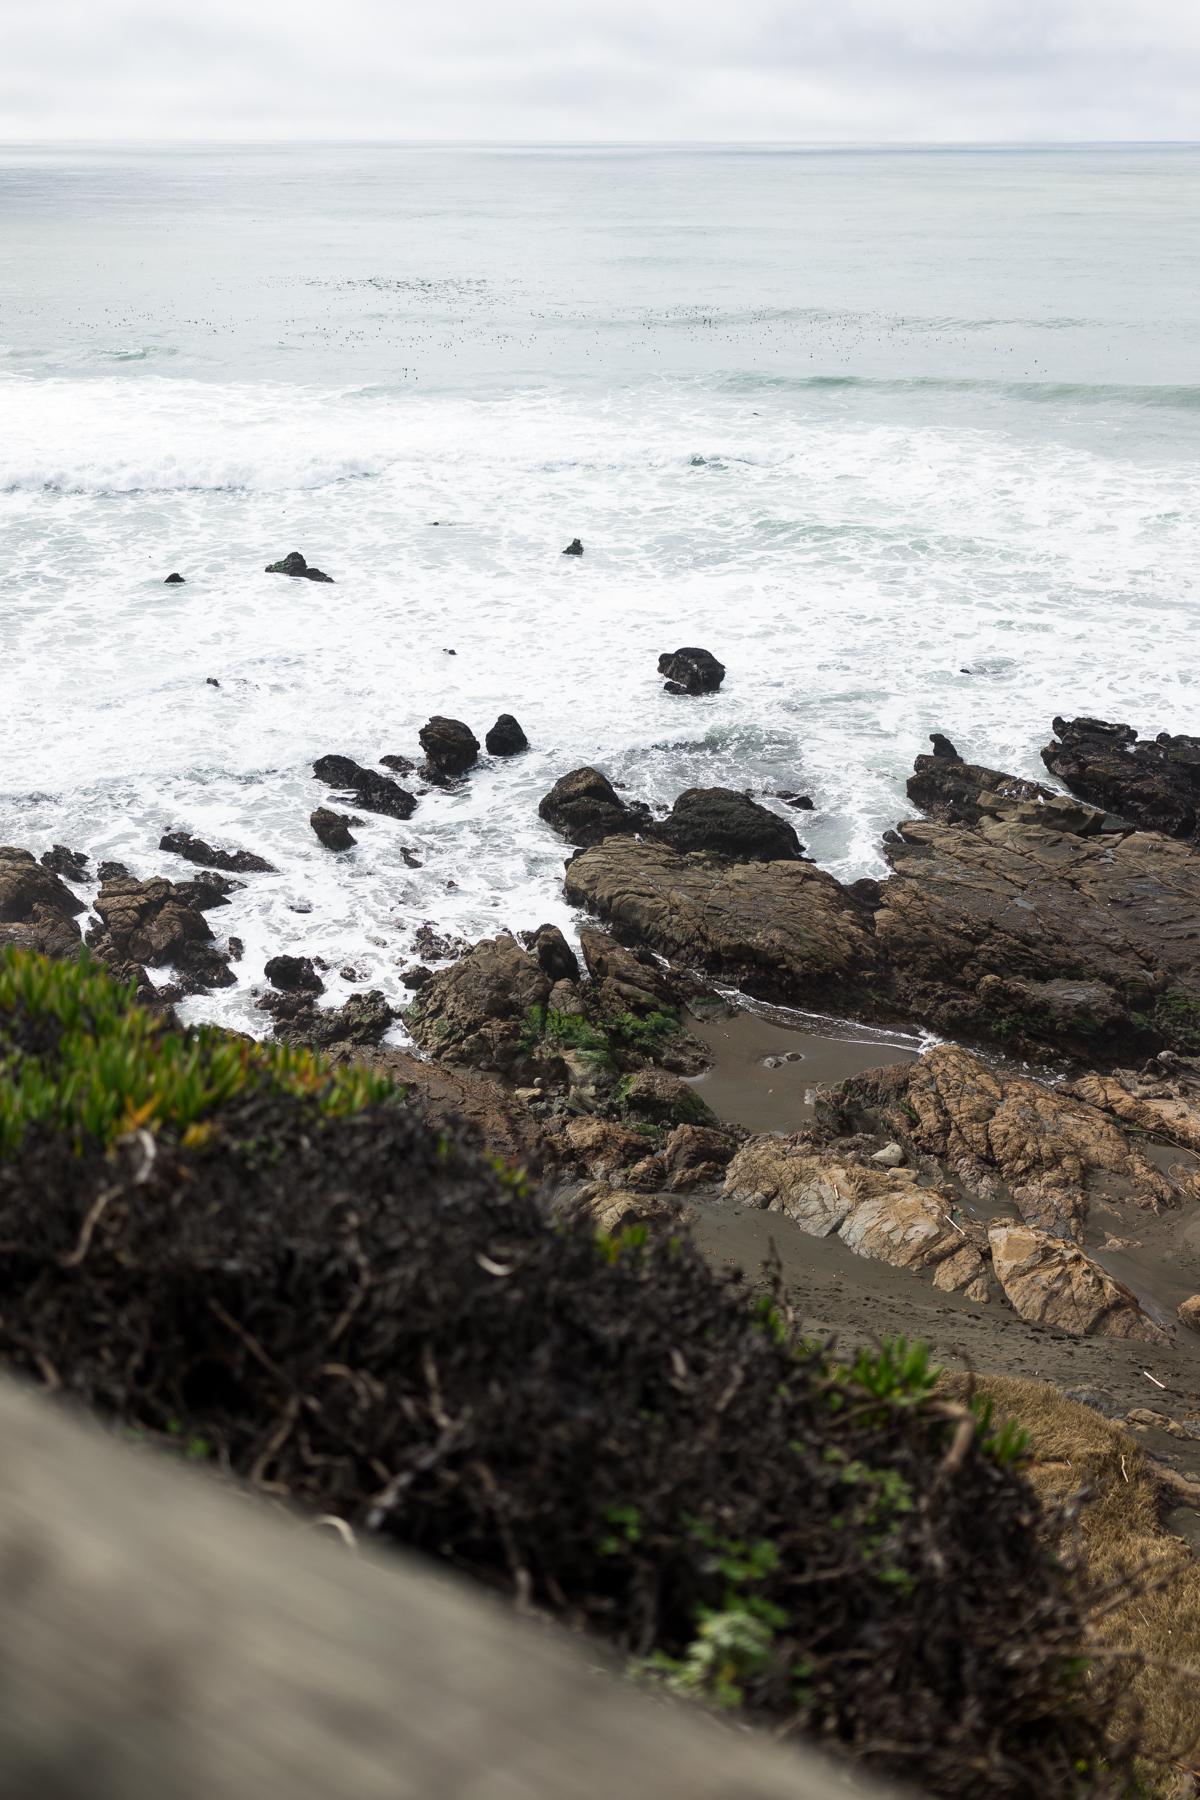 Cambria, San Fransisco, Monterey, Cayucos, Morro Bay, and Venice